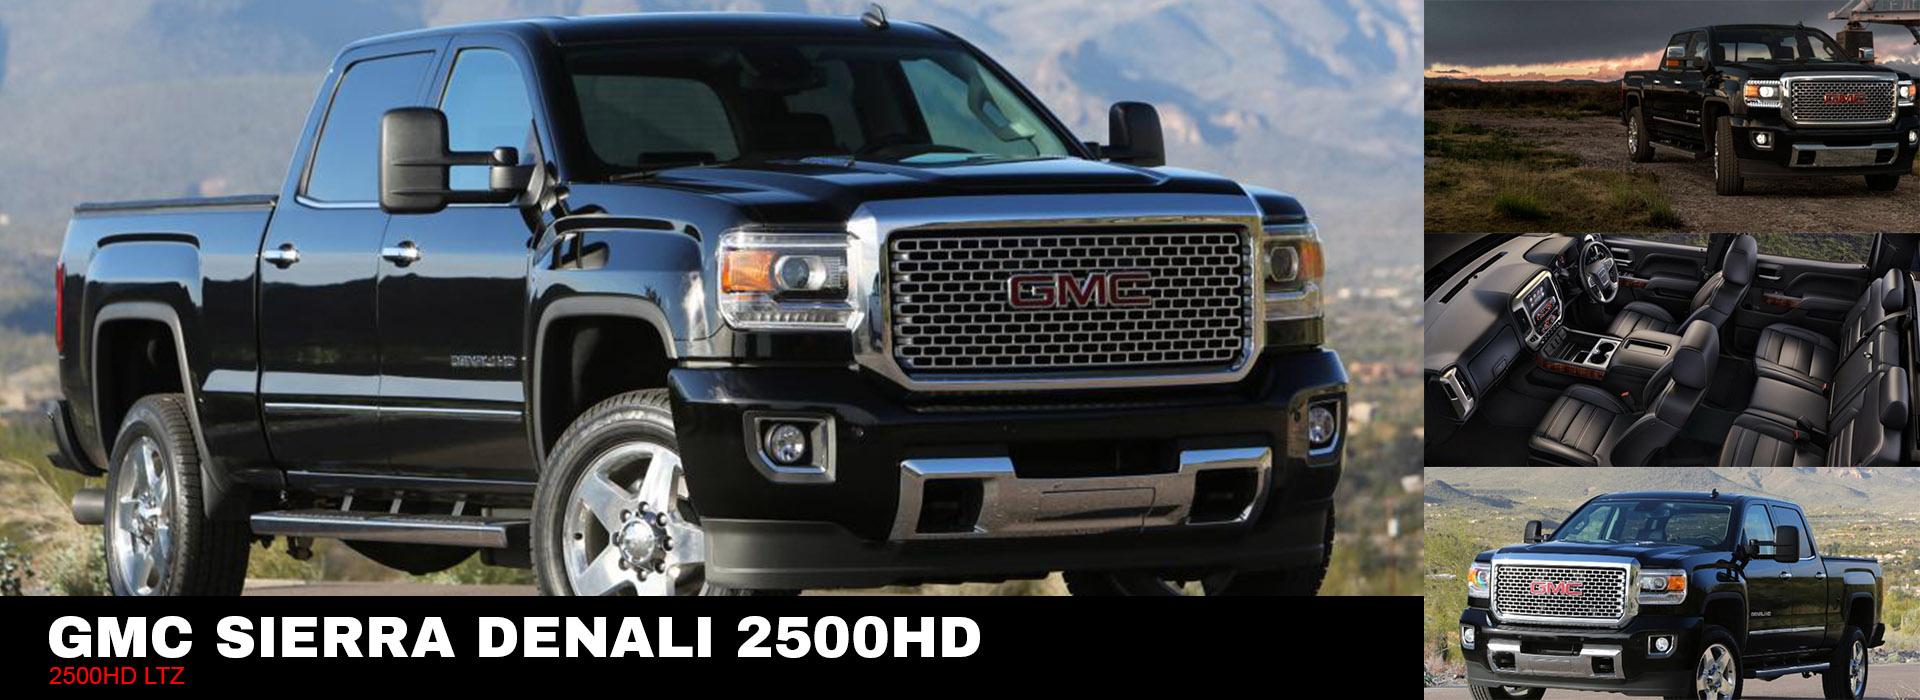 GMC Sierra Denali Trucks for sale